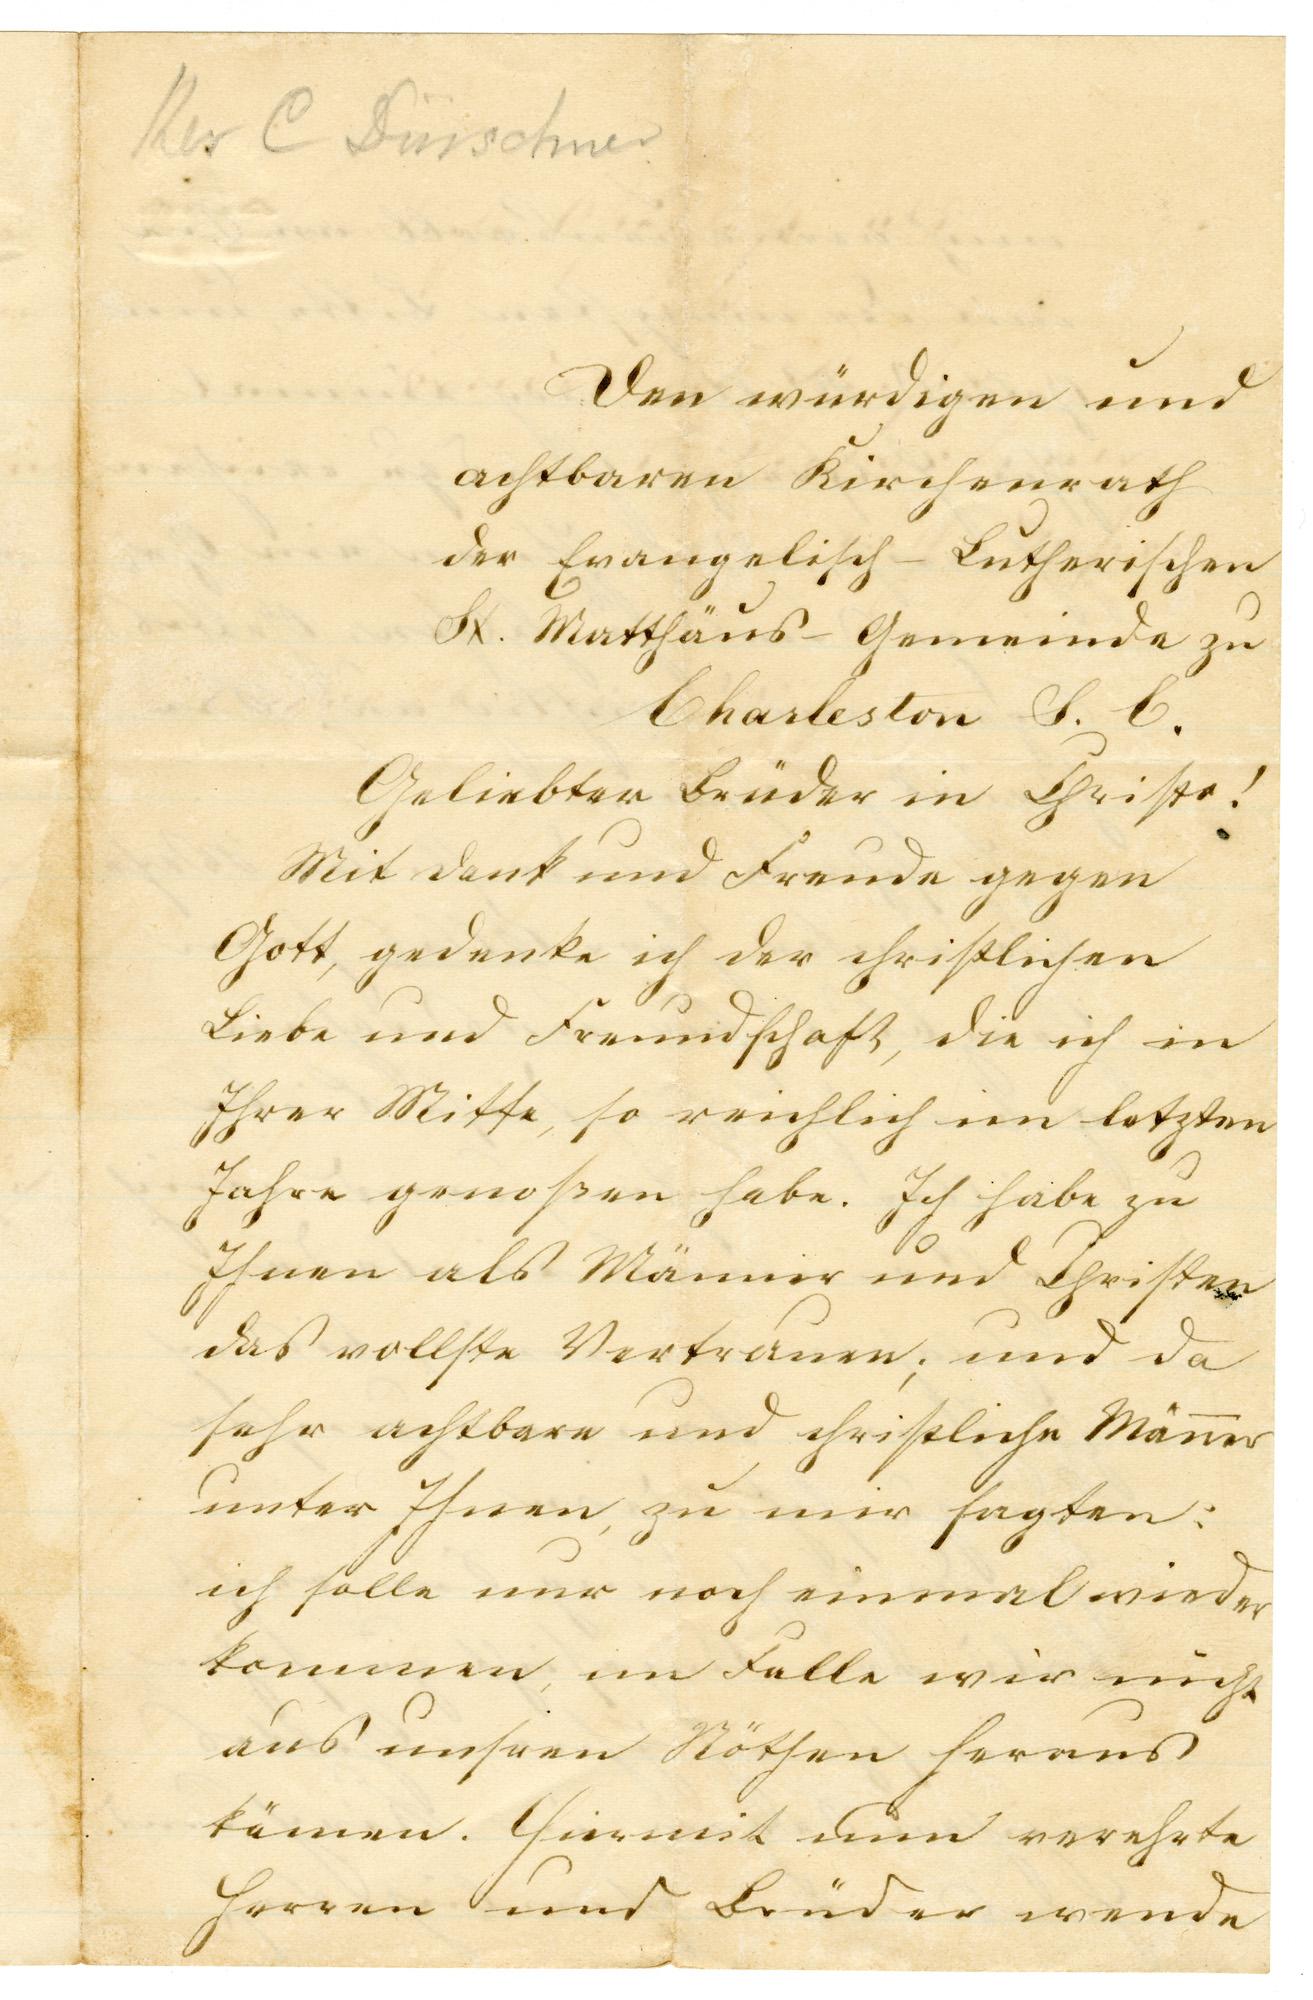 Letter from Pastor C. Duershner, May 26, 1877